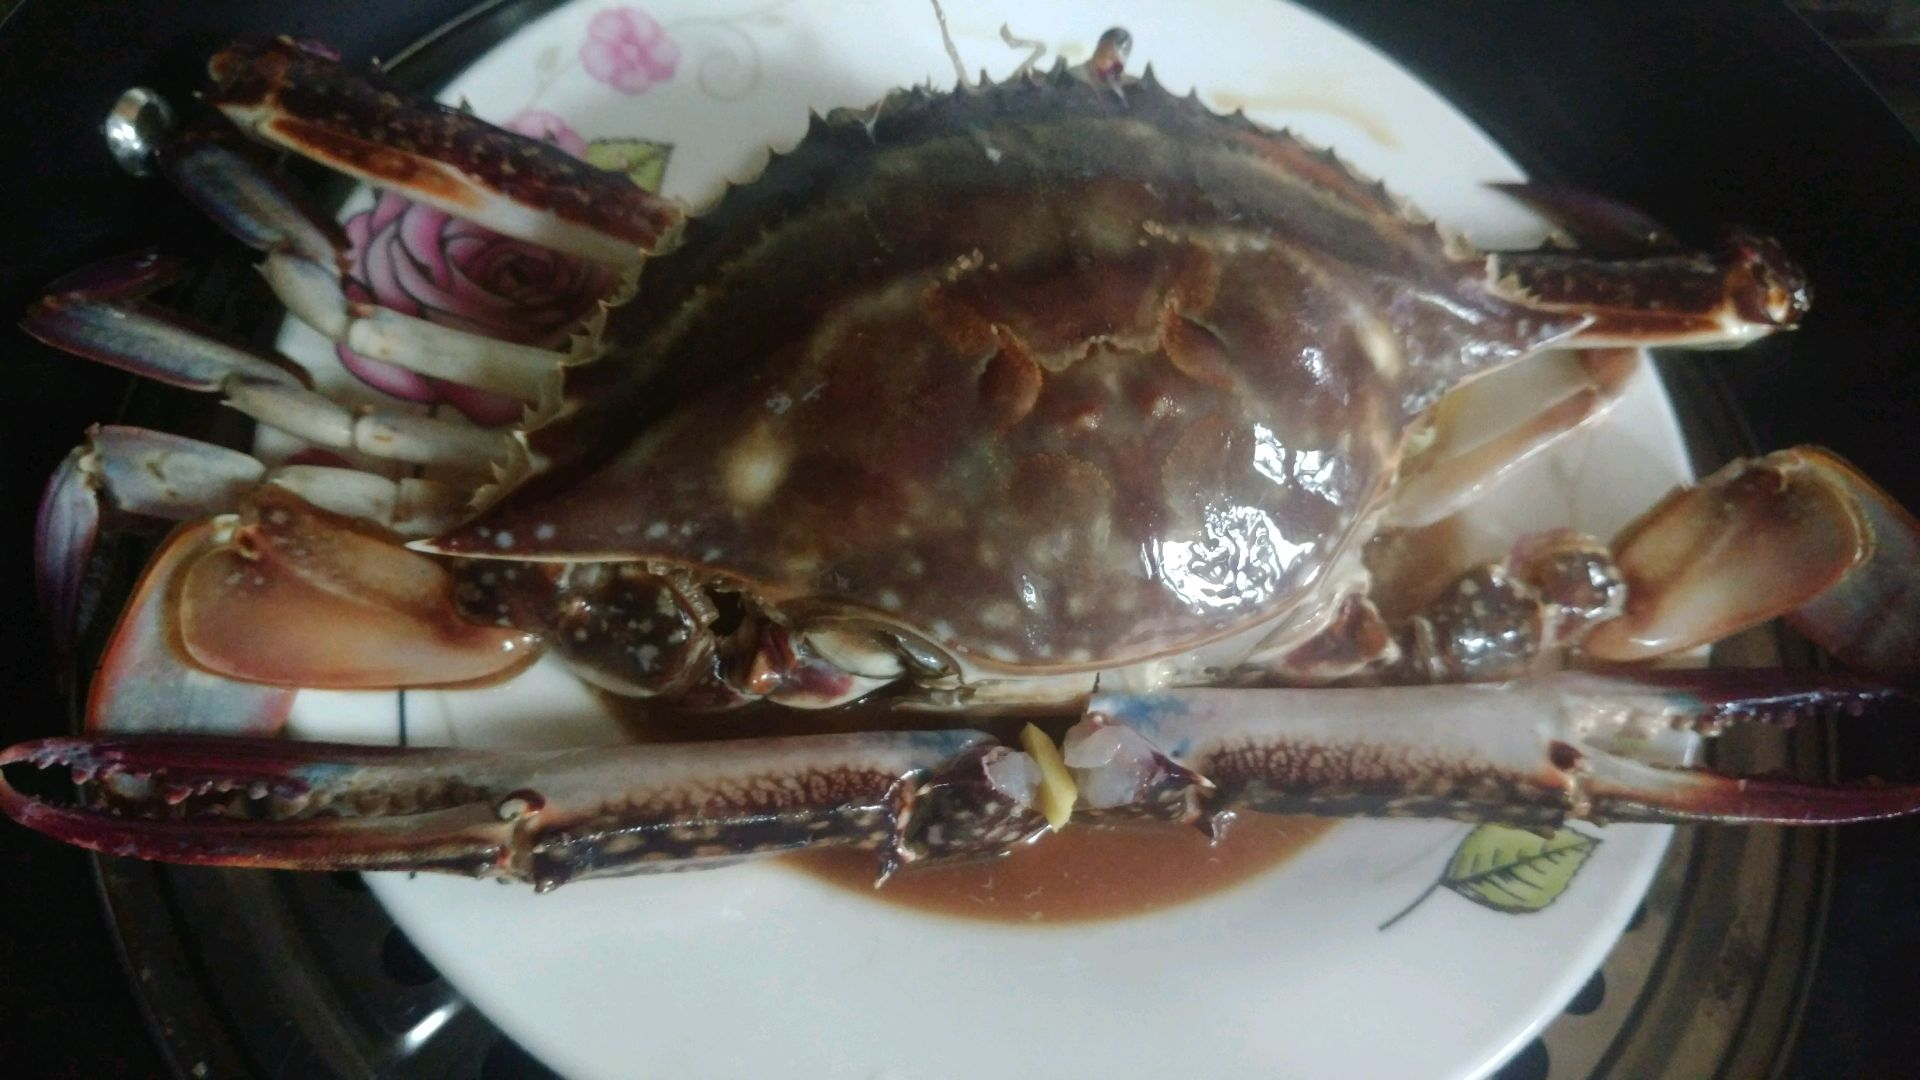 蒸螃蟹的做法_【图解】蒸螃蟹怎么做如何做好吃_蒸_丰